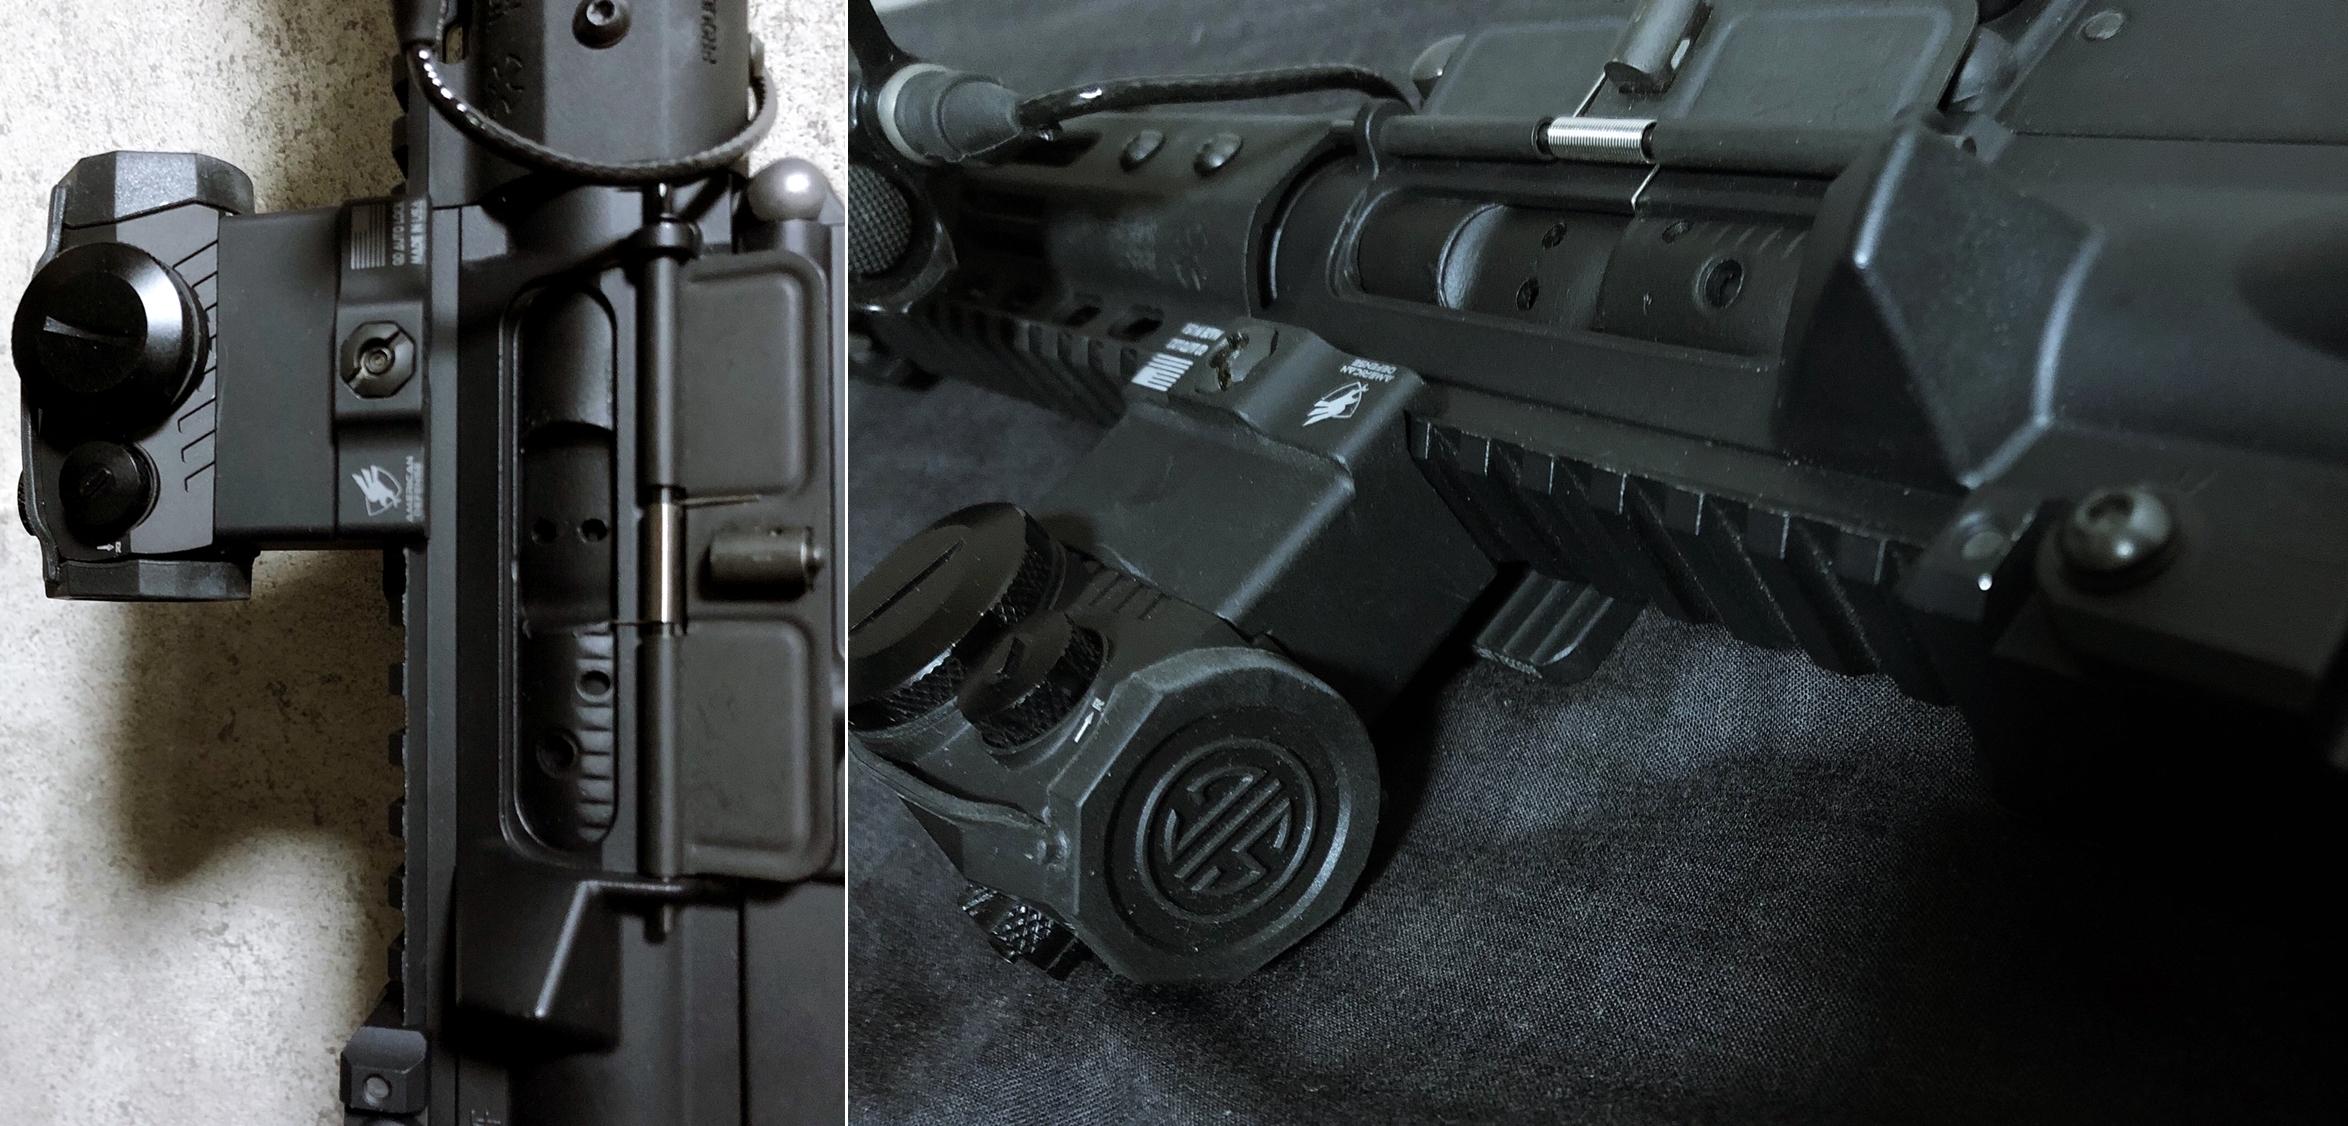 17 次世代 M4 CQB-R NEWカスタム続編!! P-MAG20 ショートマガジン 化計画 & リアル ダミー ボルトダストカバー製作中! DIY カスタム 購入 取付 レビュー!!